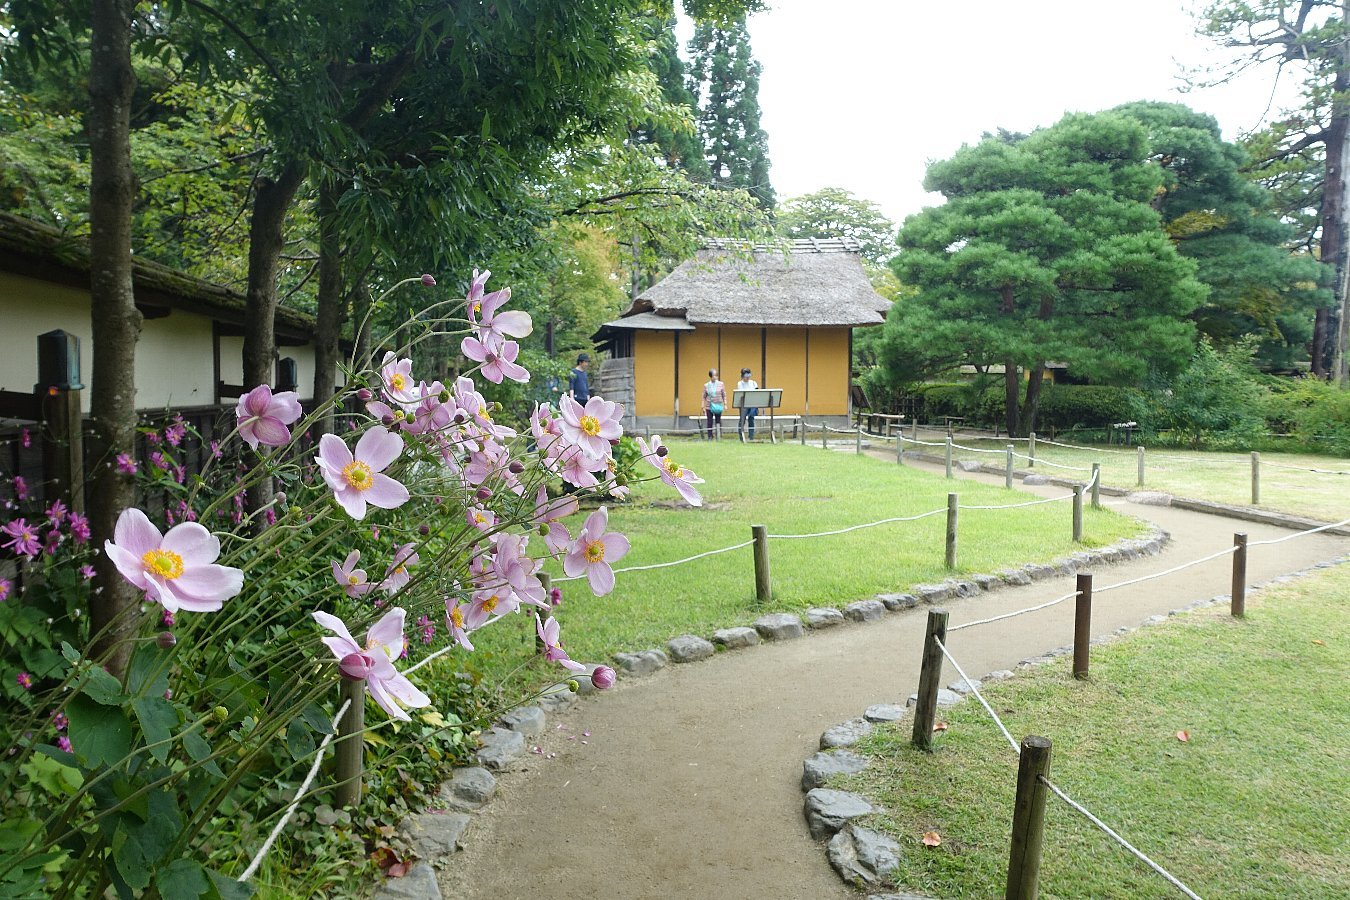 鶴ヶ城公園 茶室「麟閣」_c0112559_08440943.jpg